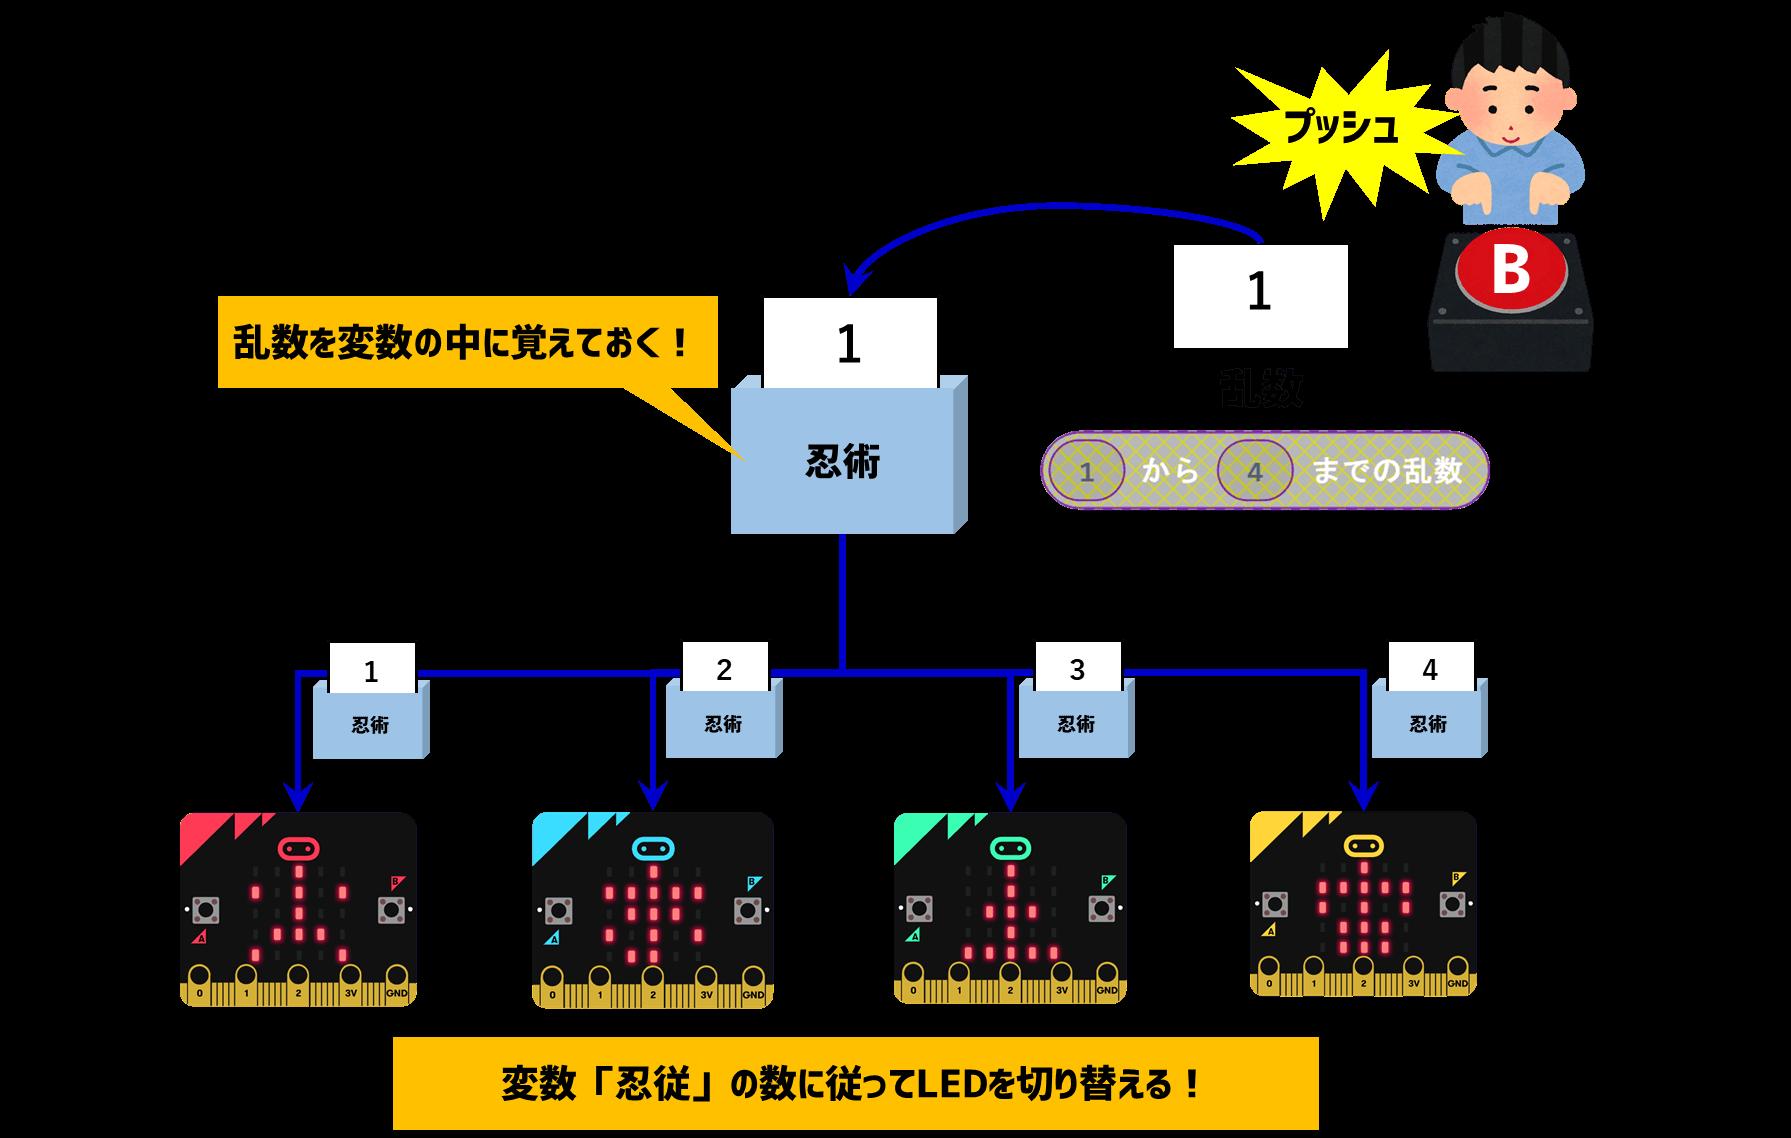 スイッチBを押すと忍術が選択されるイメージ図